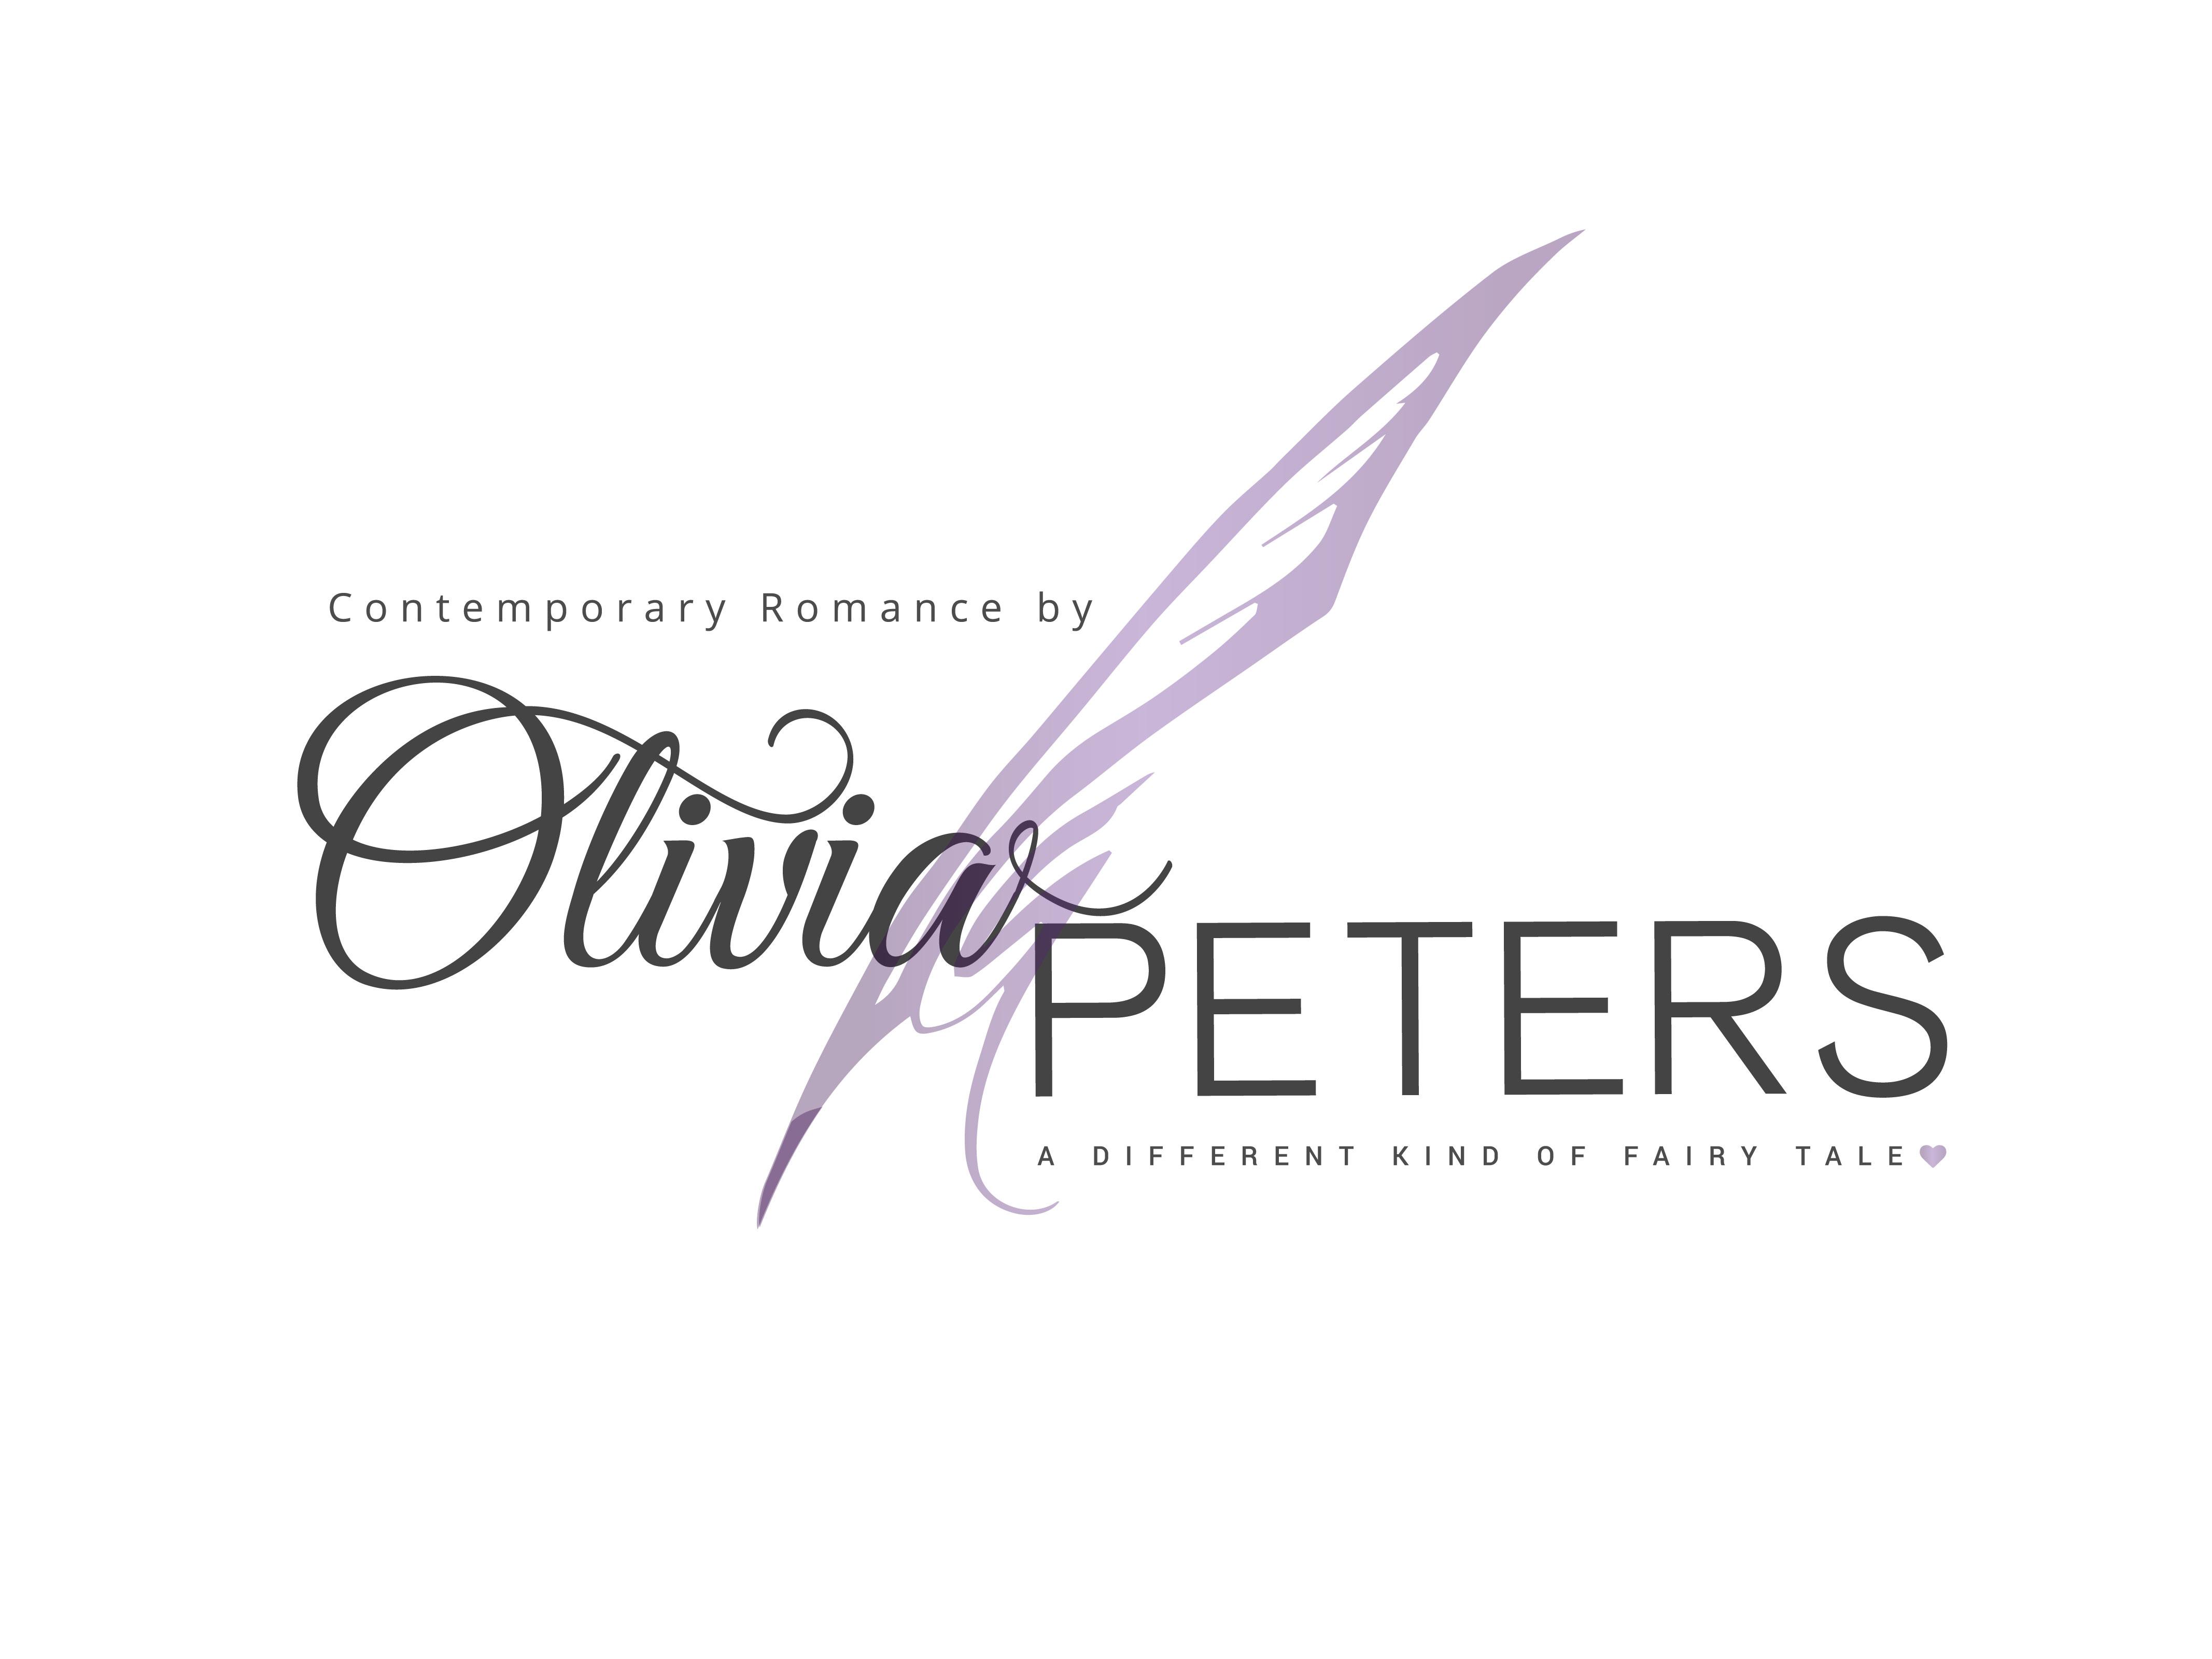 Olivia Peters books